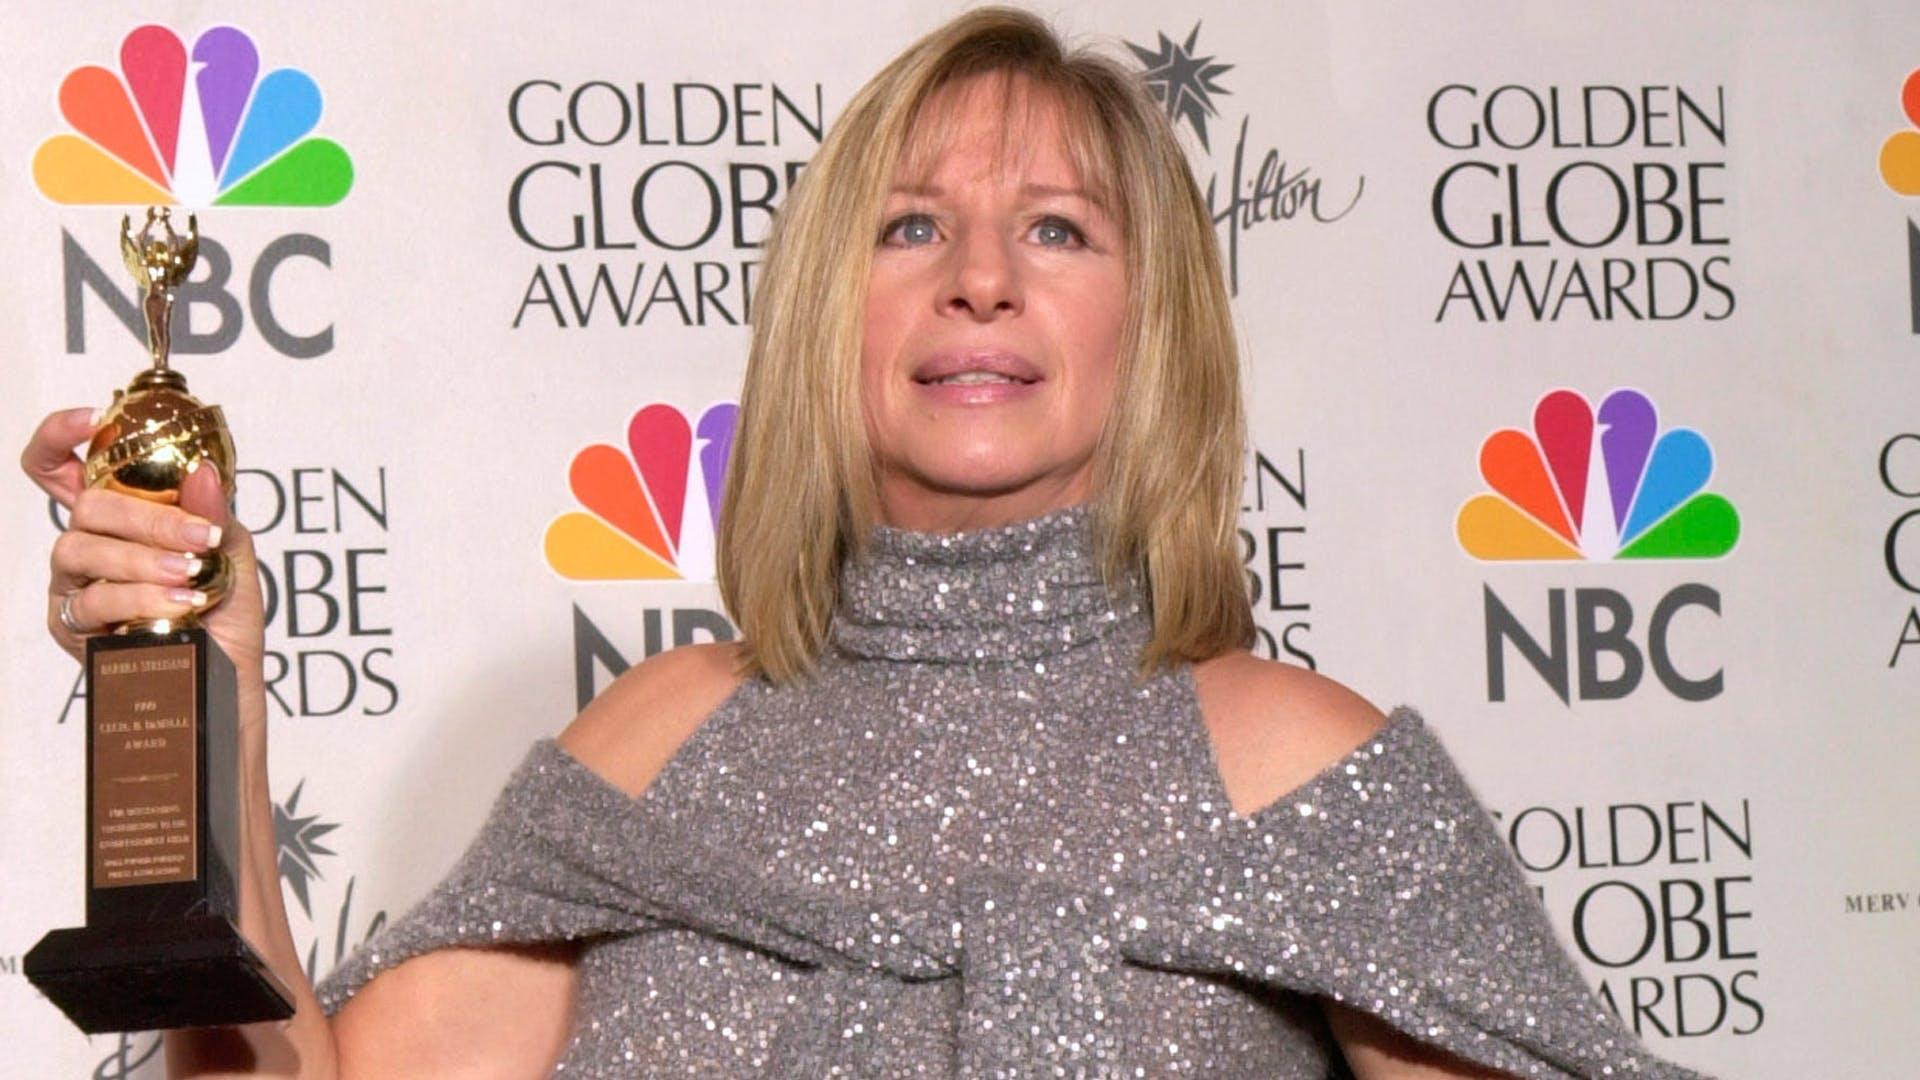 Tim Cook verrät Barbra Streisand Release-Termin für iOS 10